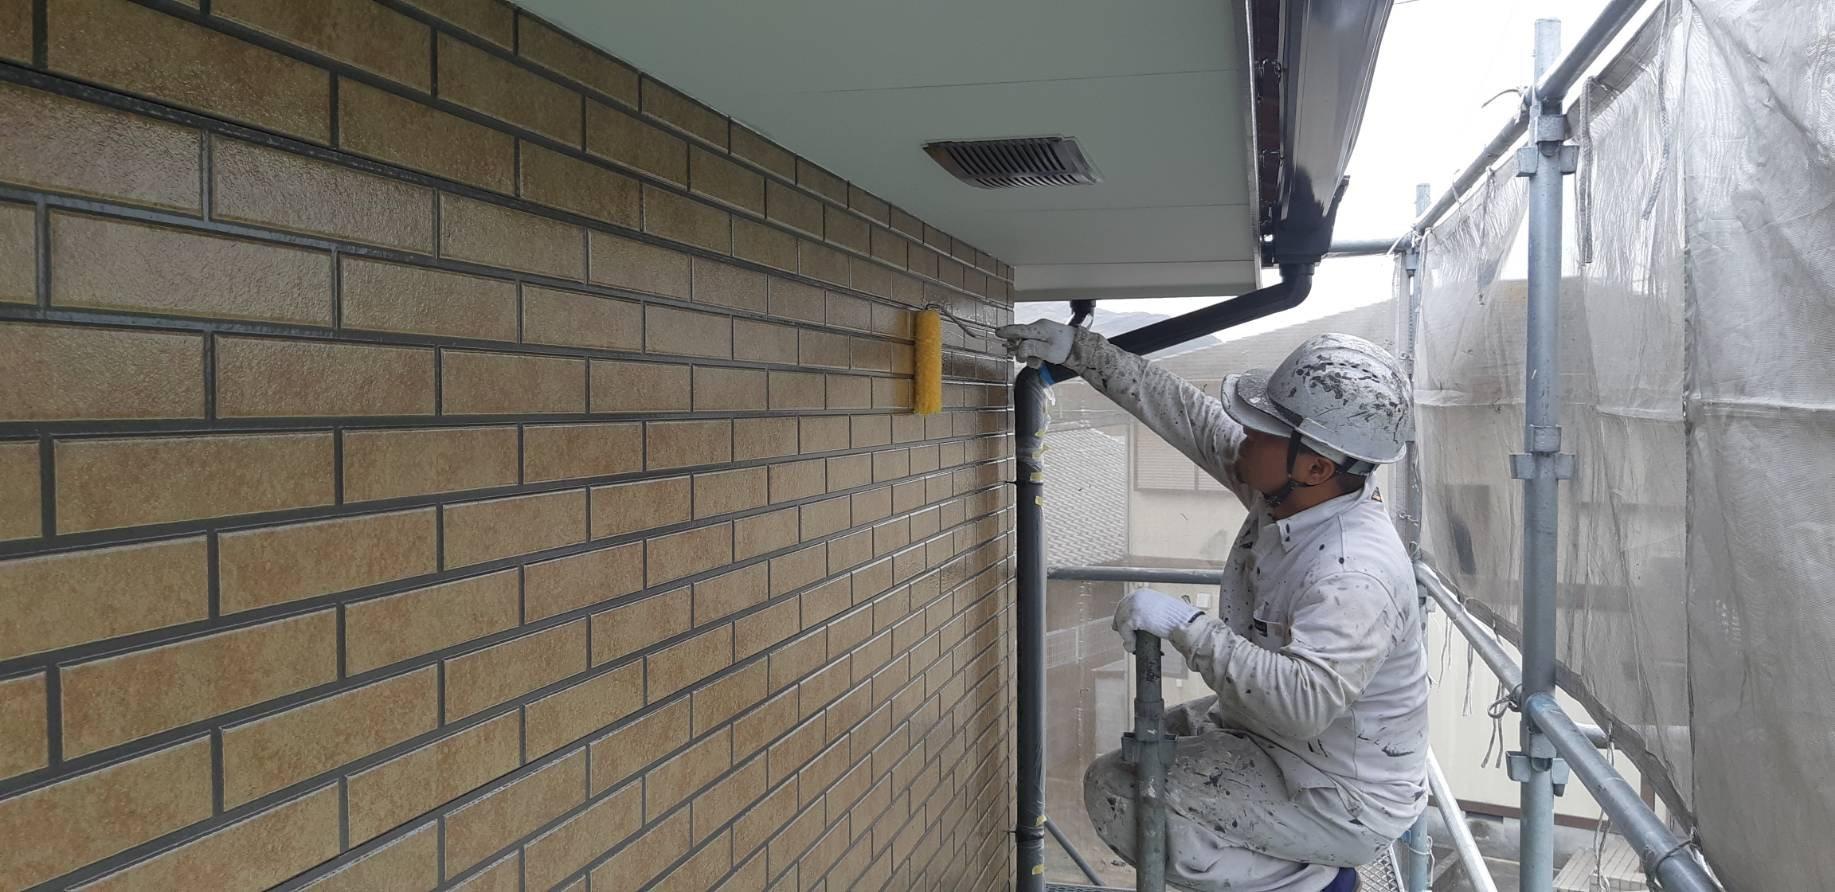 福岡県古賀市K様邸施工4日目外壁上塗り付帯塗装作業